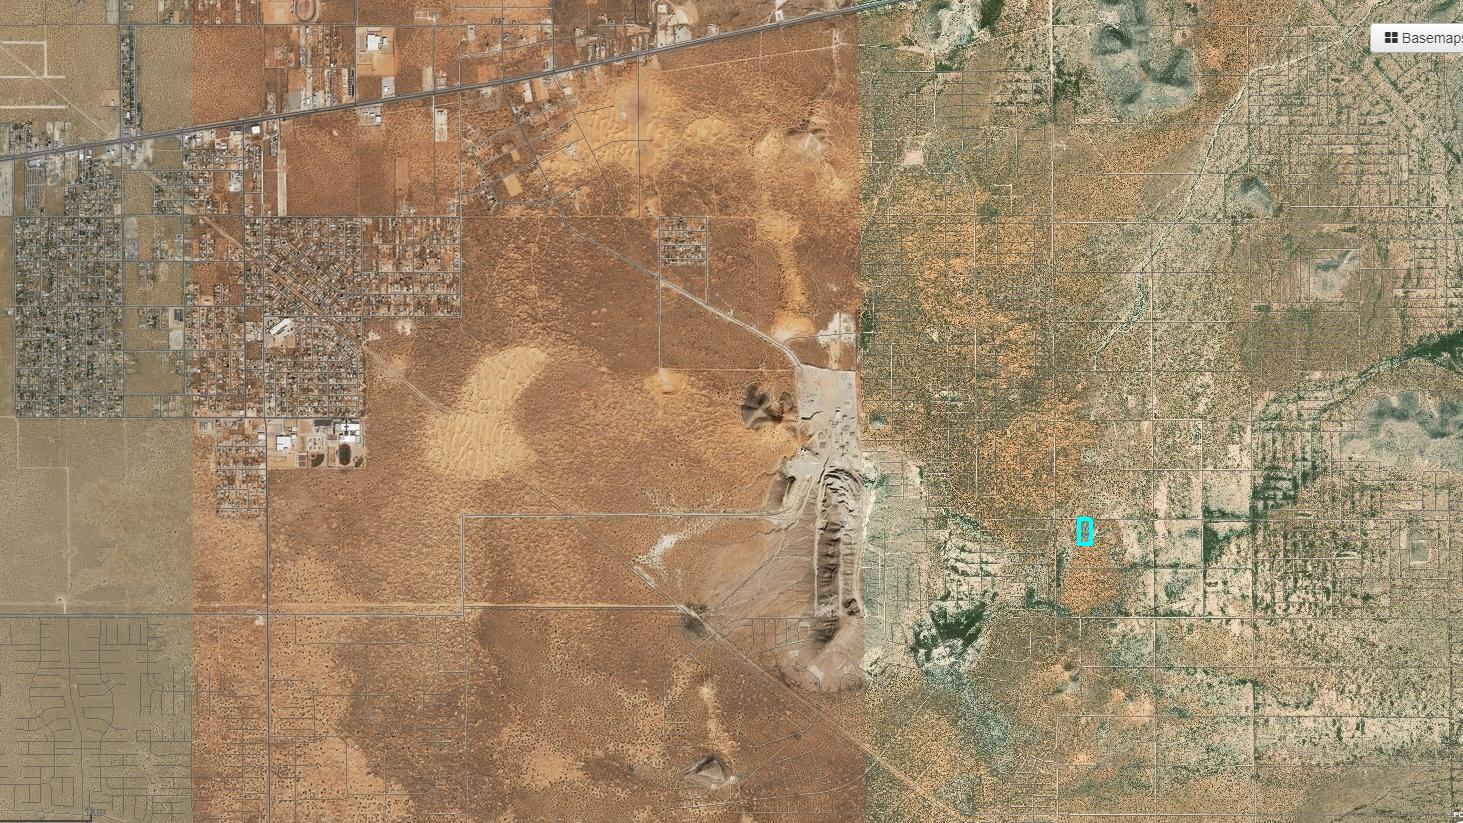 7 Public School Sec 18, El Paso, Texas 79938, ,Land,For sale,Public School Sec 18,811738